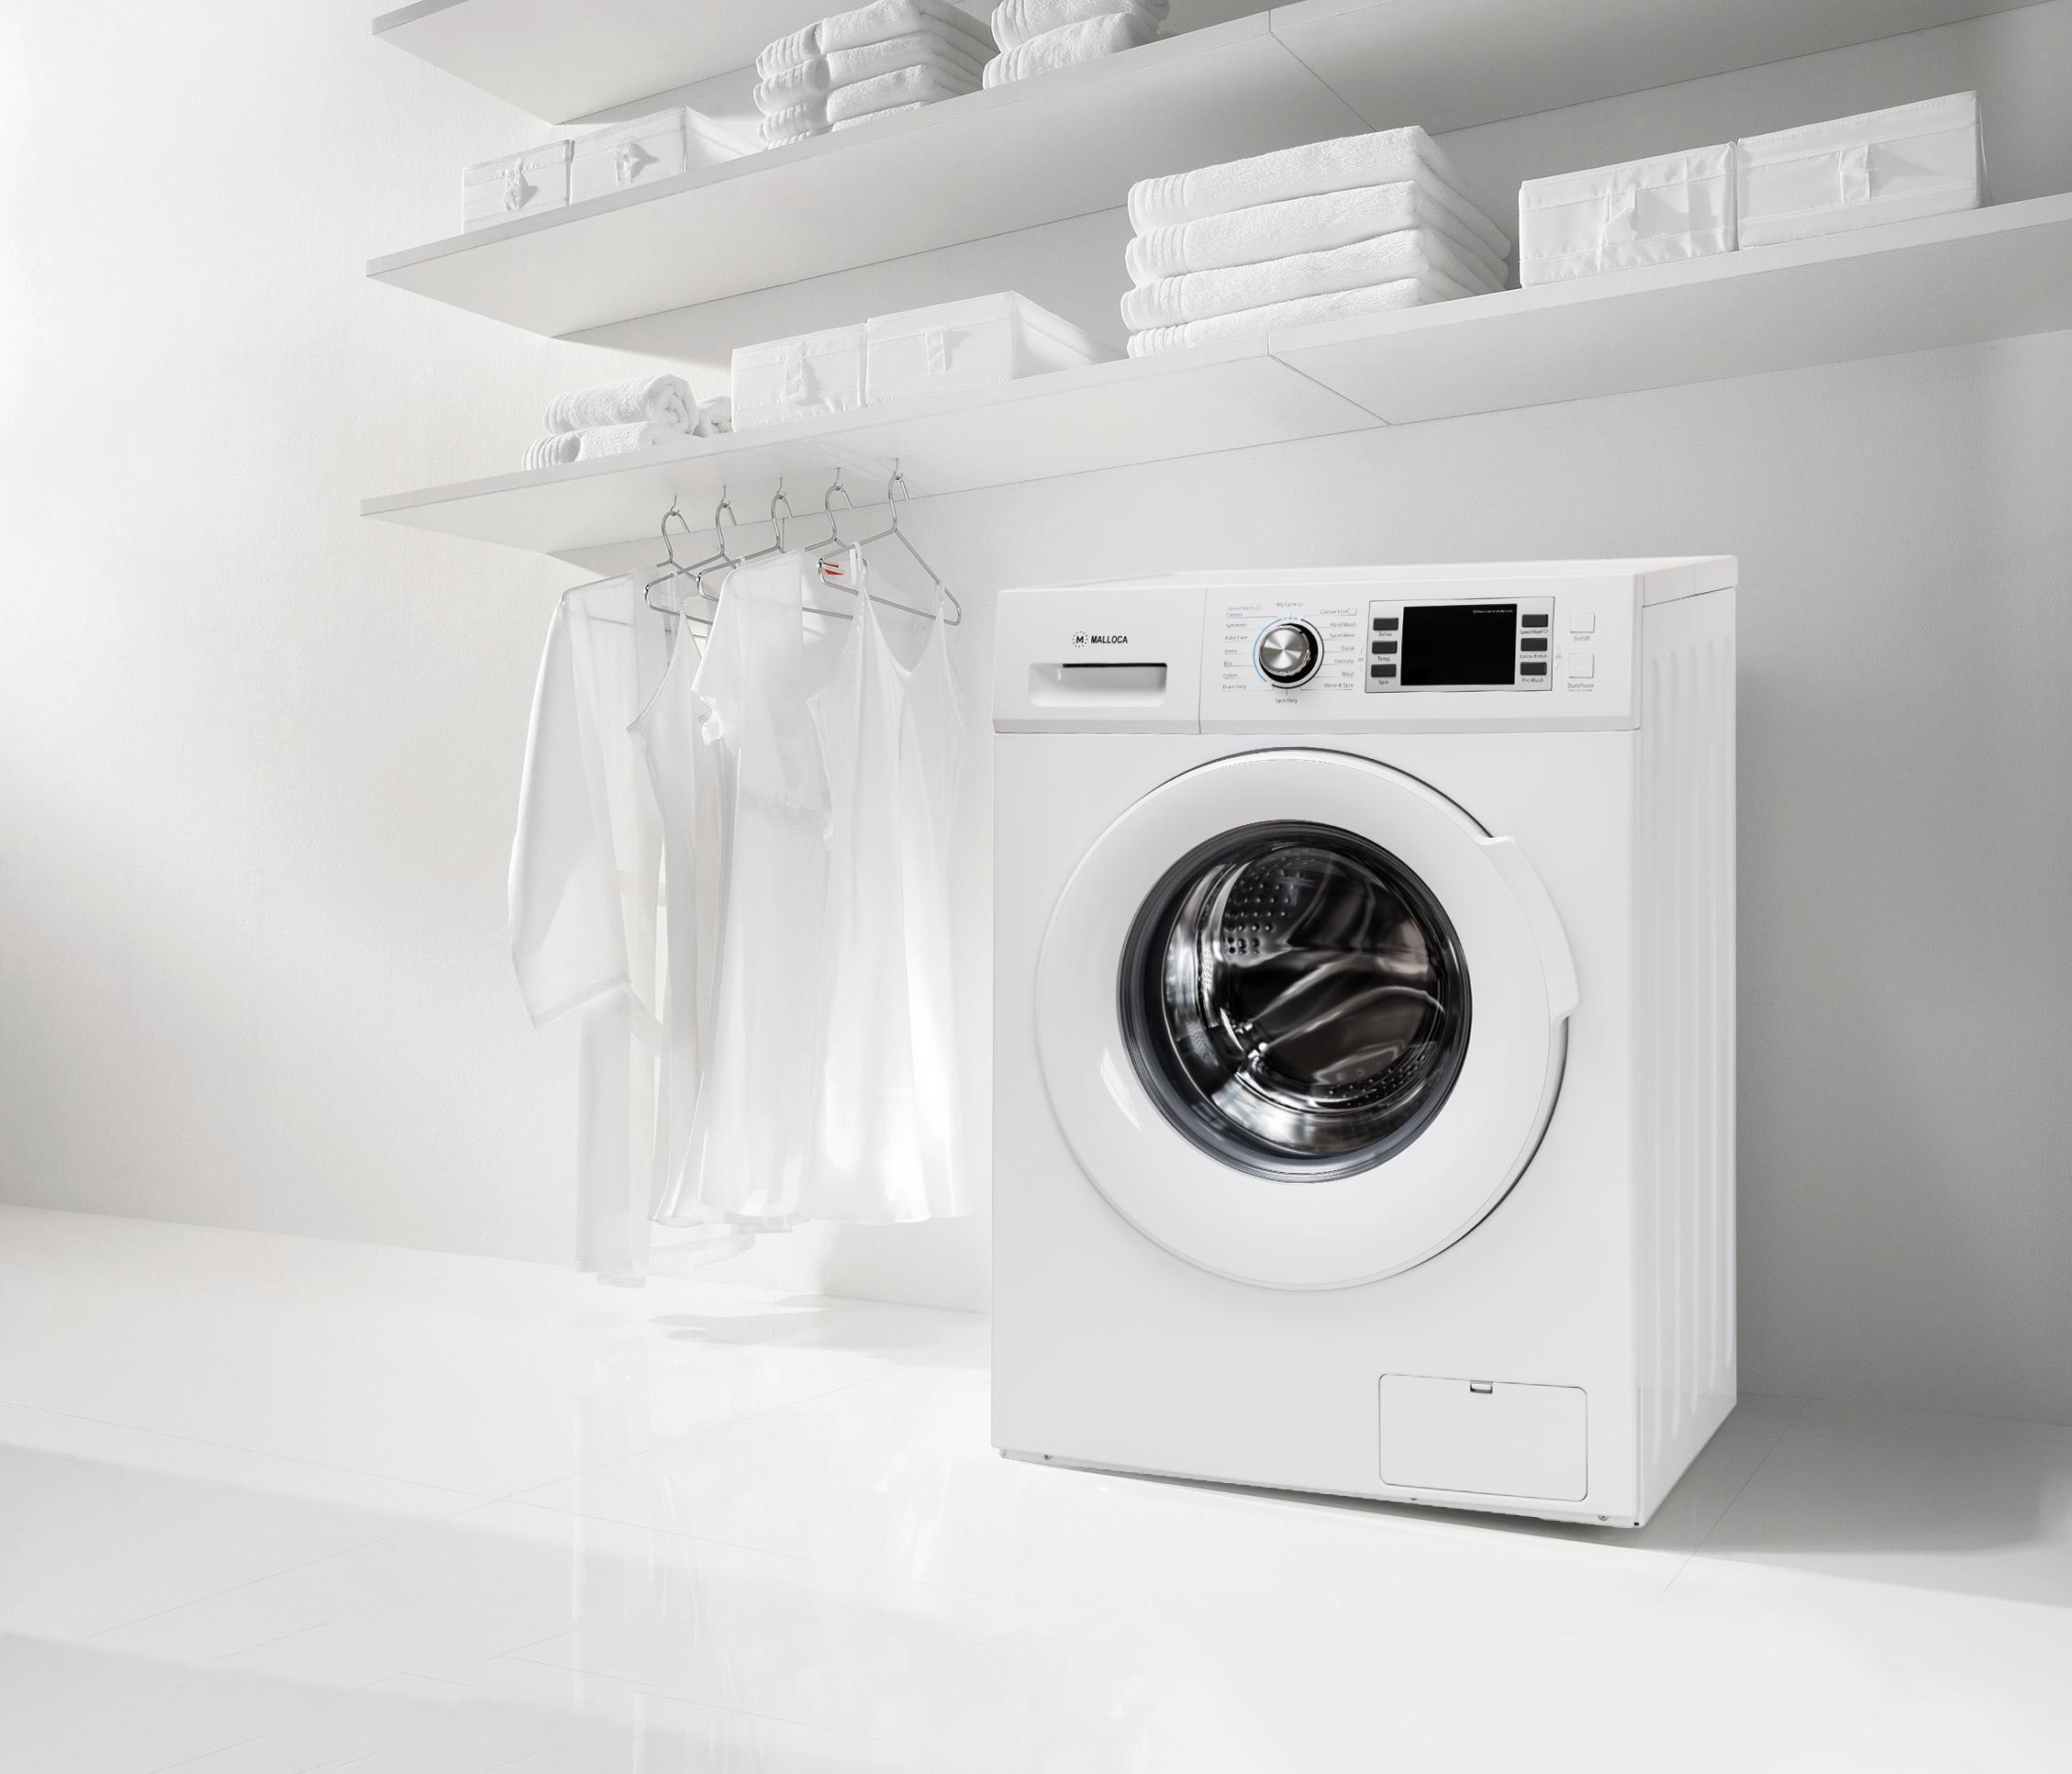 Có nên dùng máy sấy quần áo không? lợi ích khi sử dụng máy sấy đồ